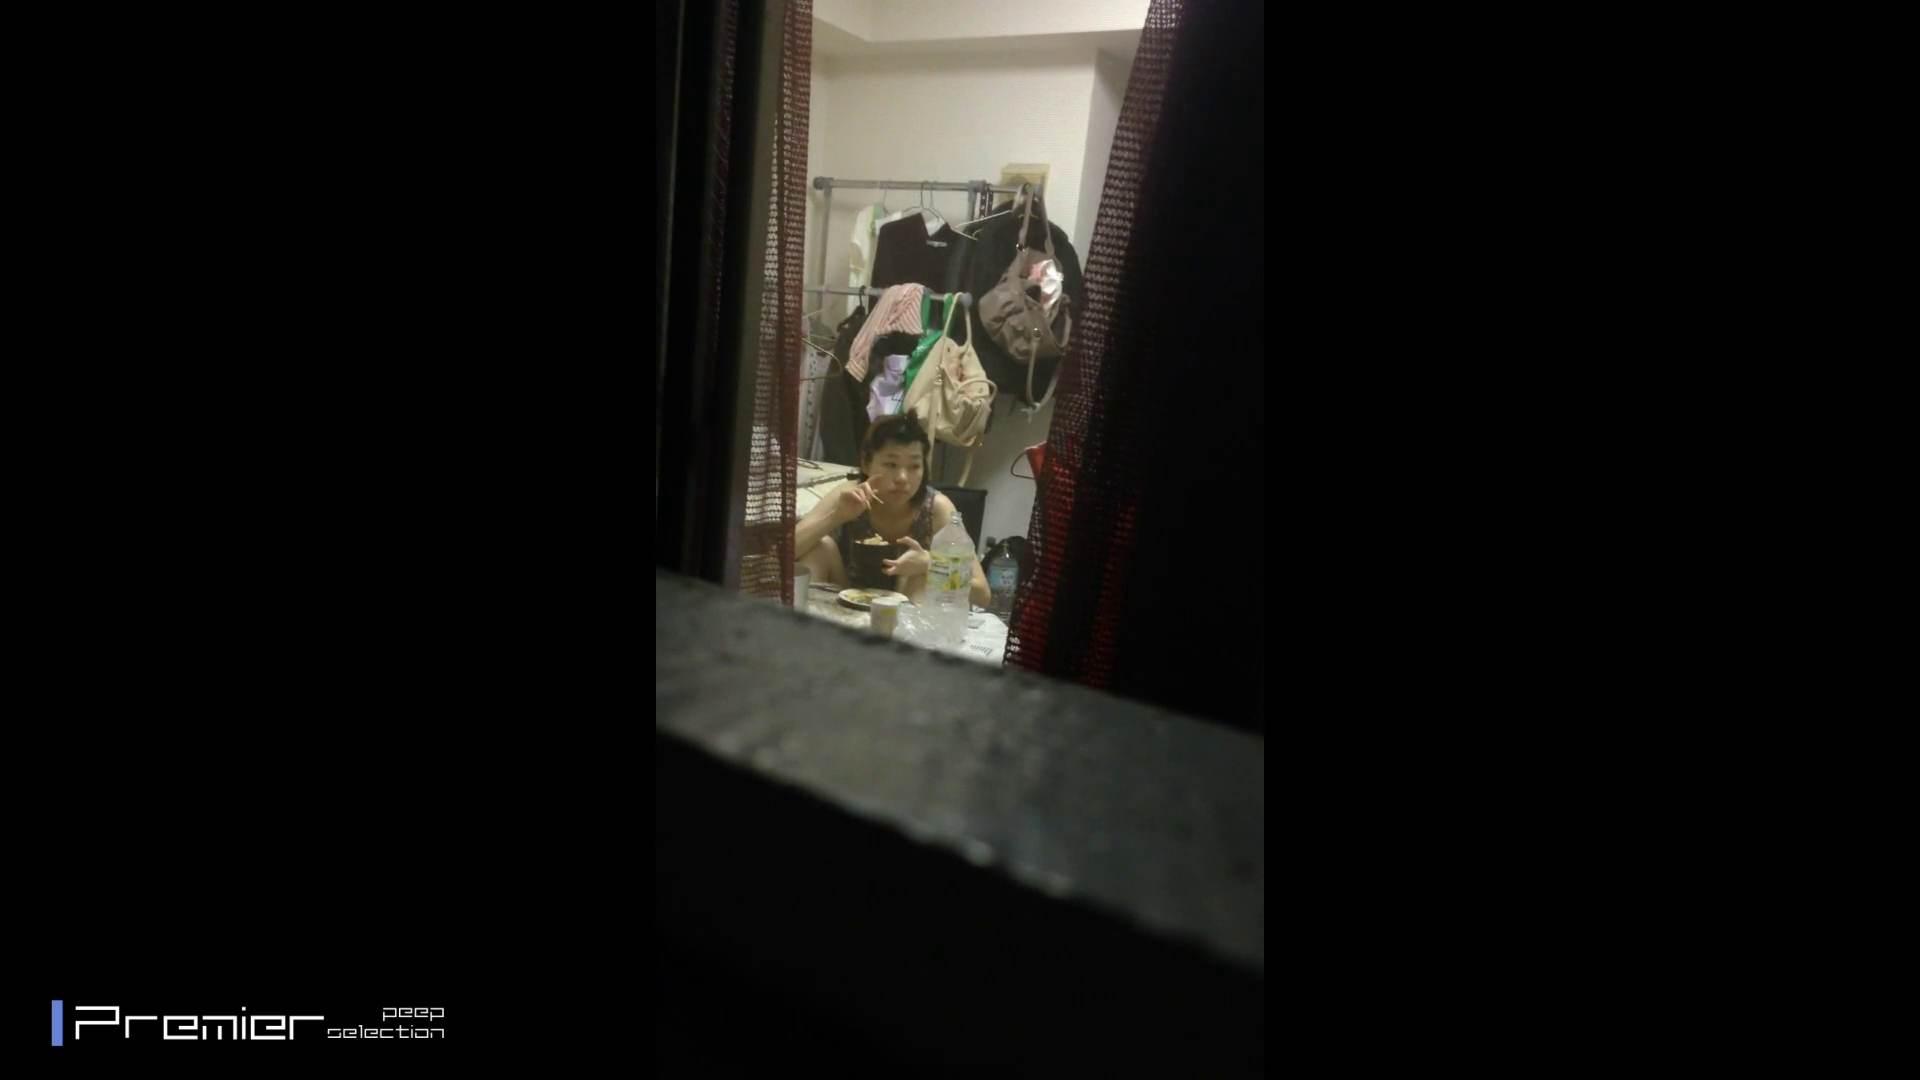 美女達の私生活に潜入!可愛い女子大生のプライベートに潜入 プライベート 隠し撮りオマンコ動画紹介 105pic 19